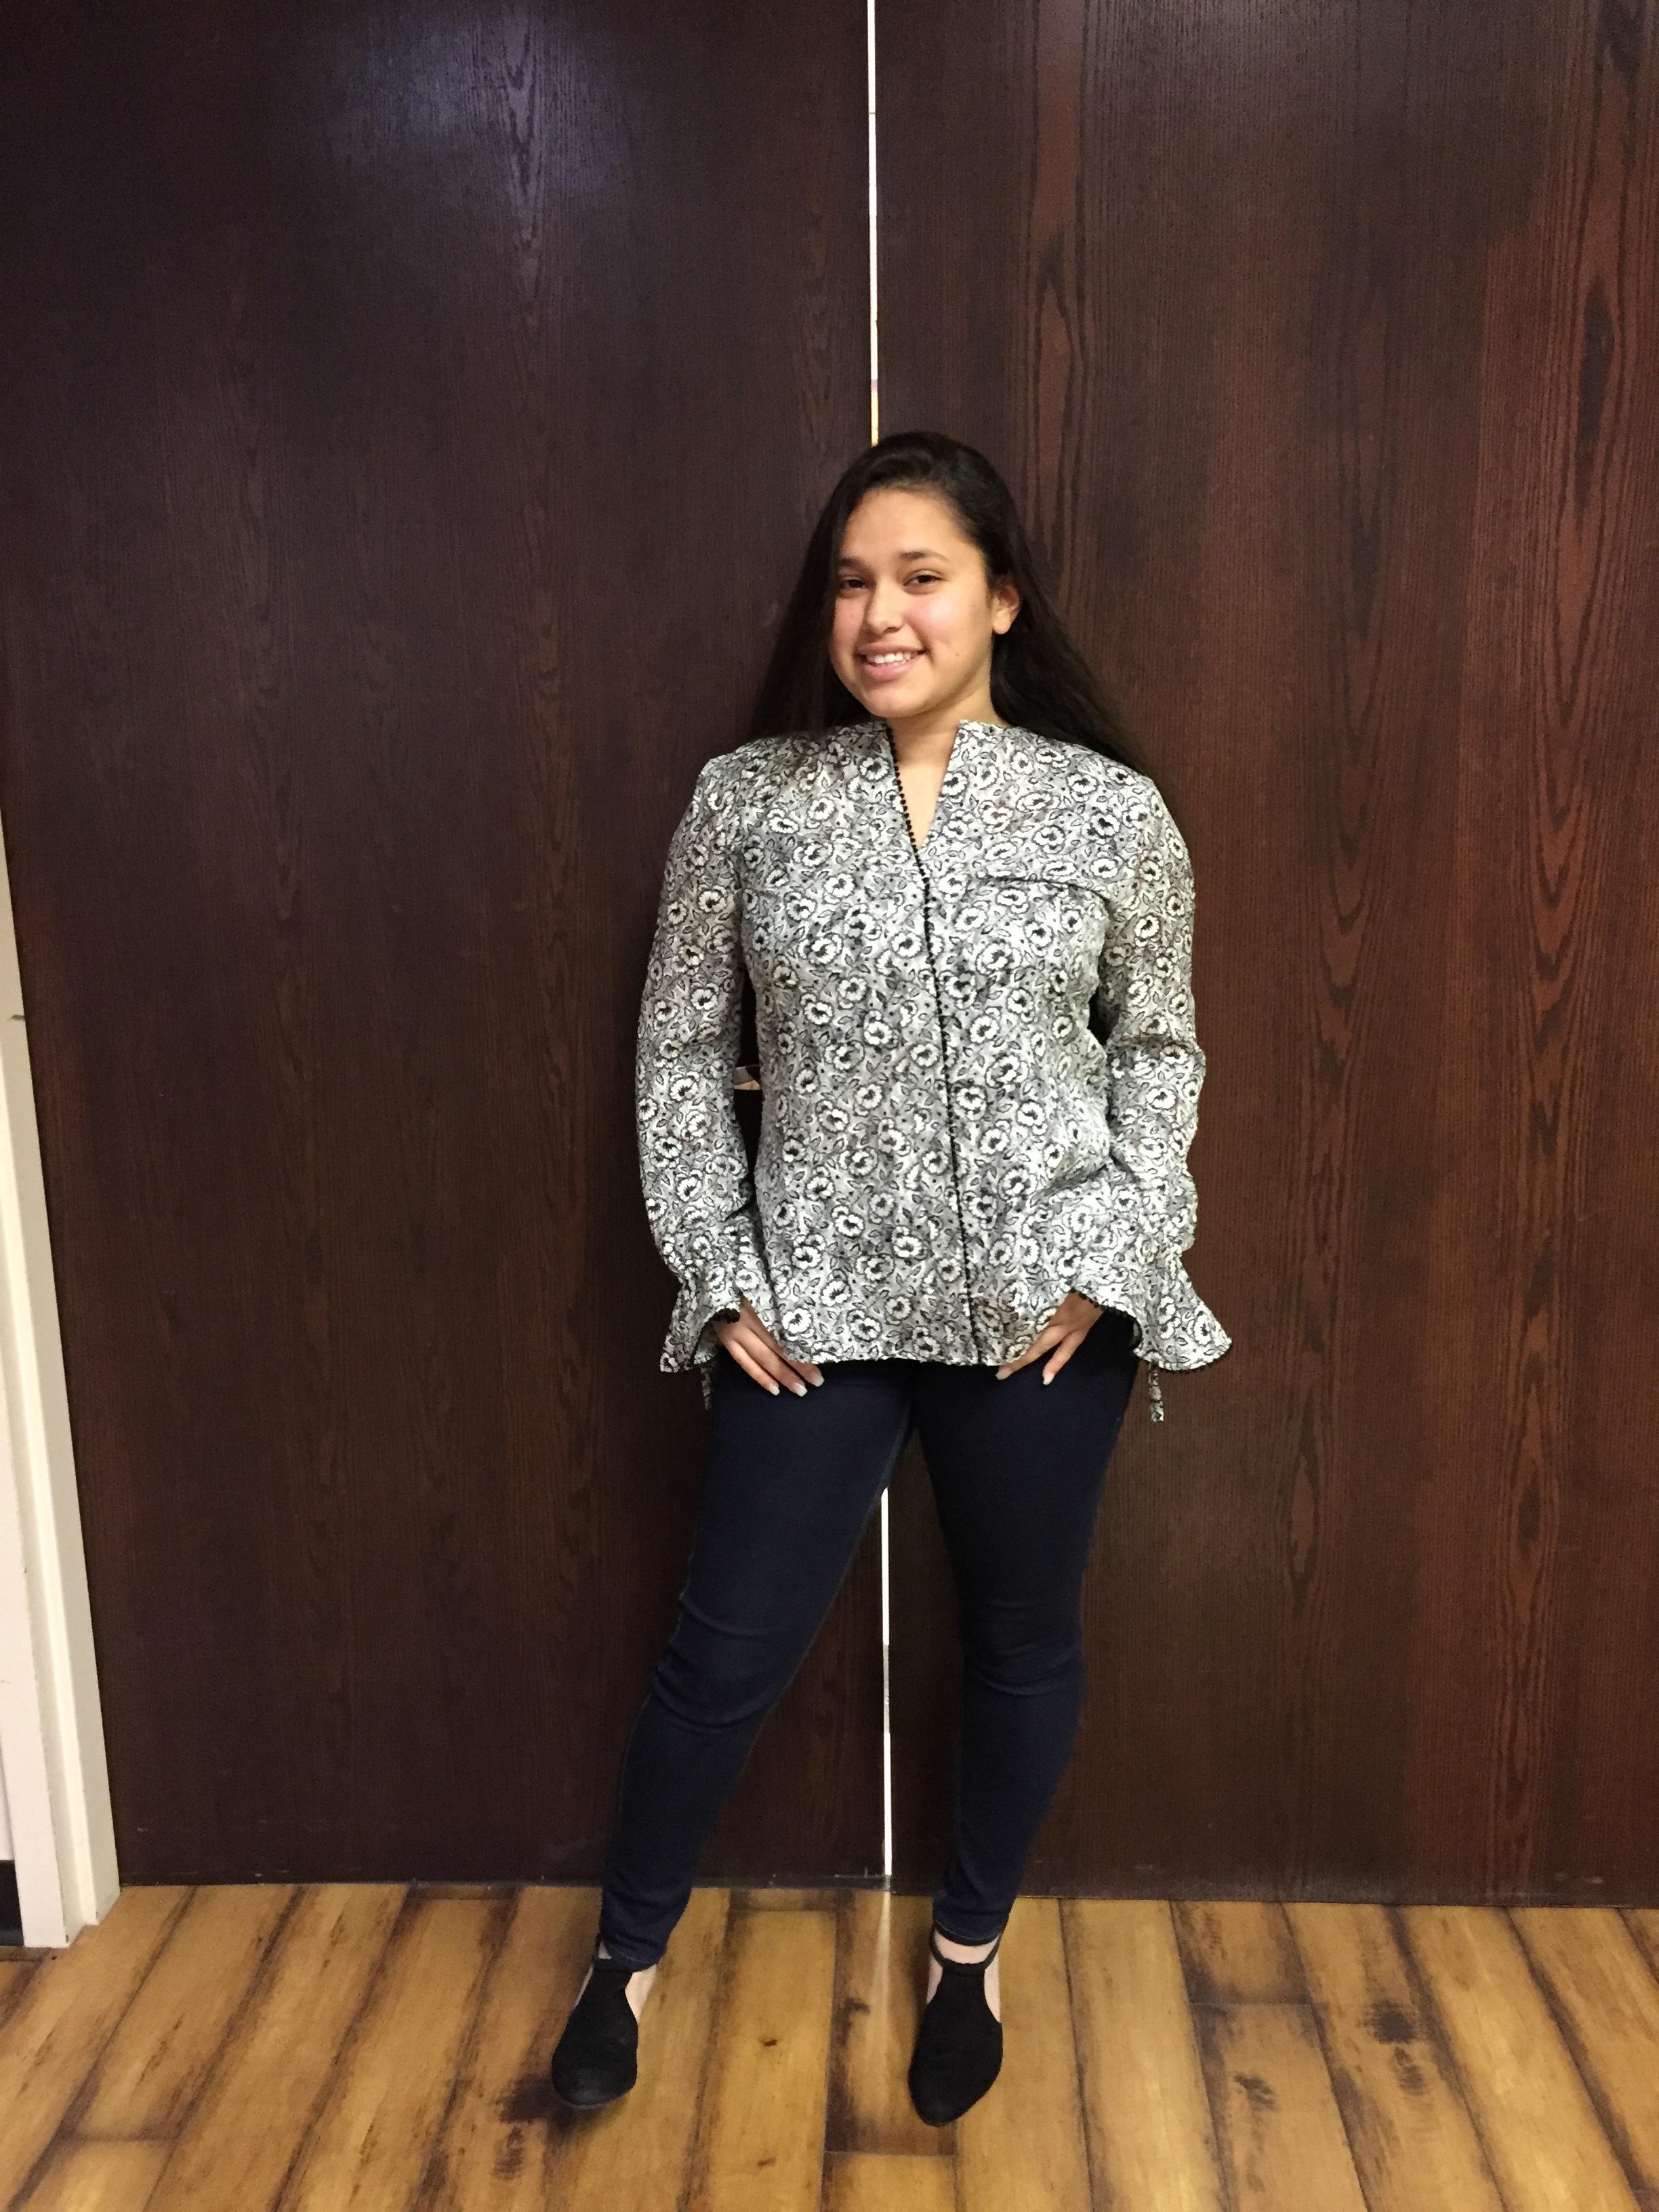 Name: Oralia Hernandez